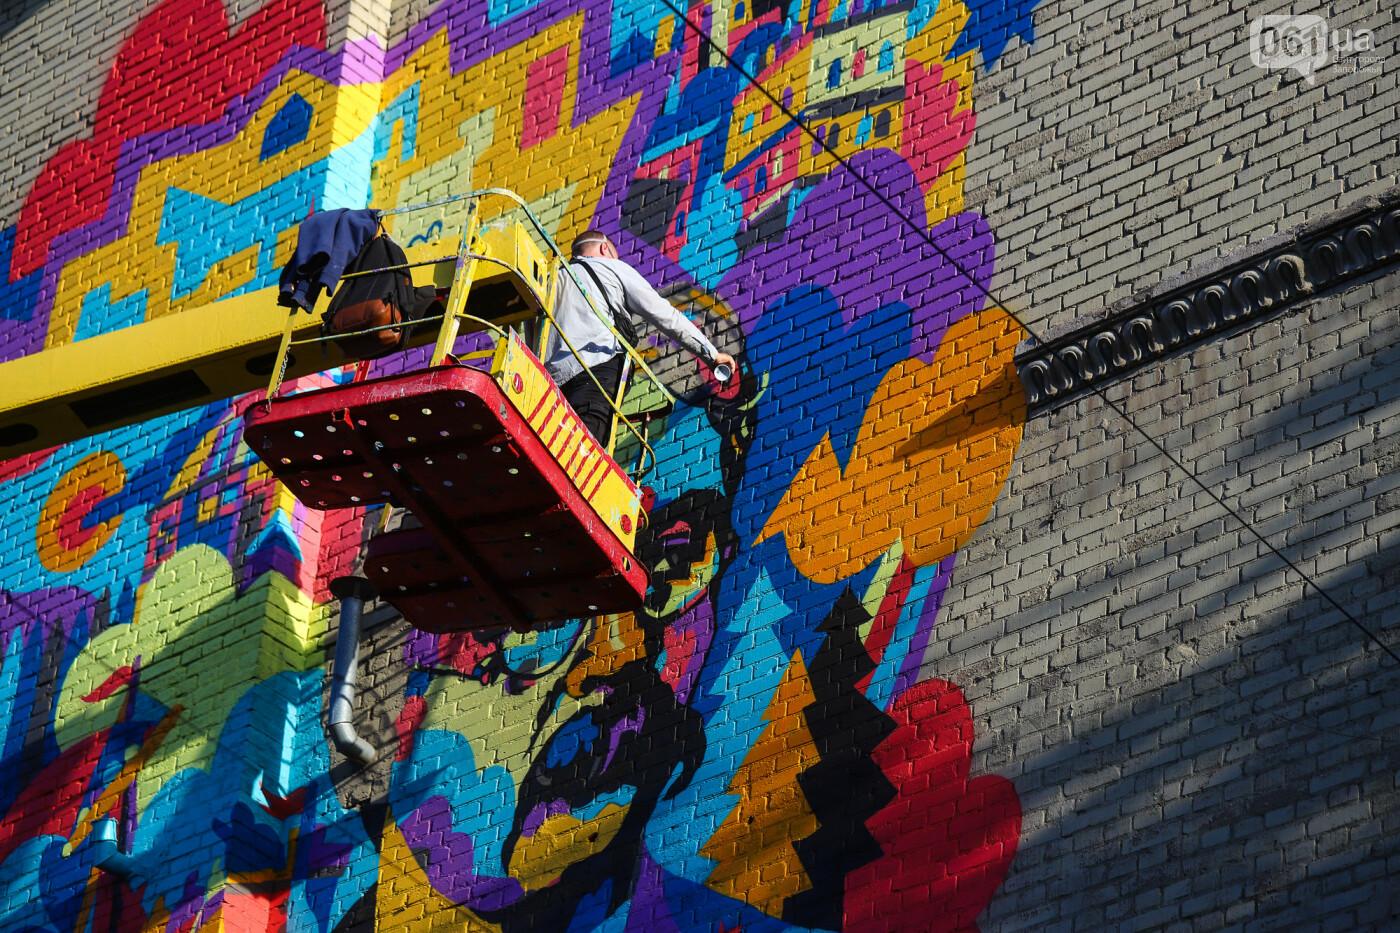 Художник из Нью-Йорка нарисовал мурал к 250-летию Запорожья - ФОТОРЕПОРТАЖ , фото-17